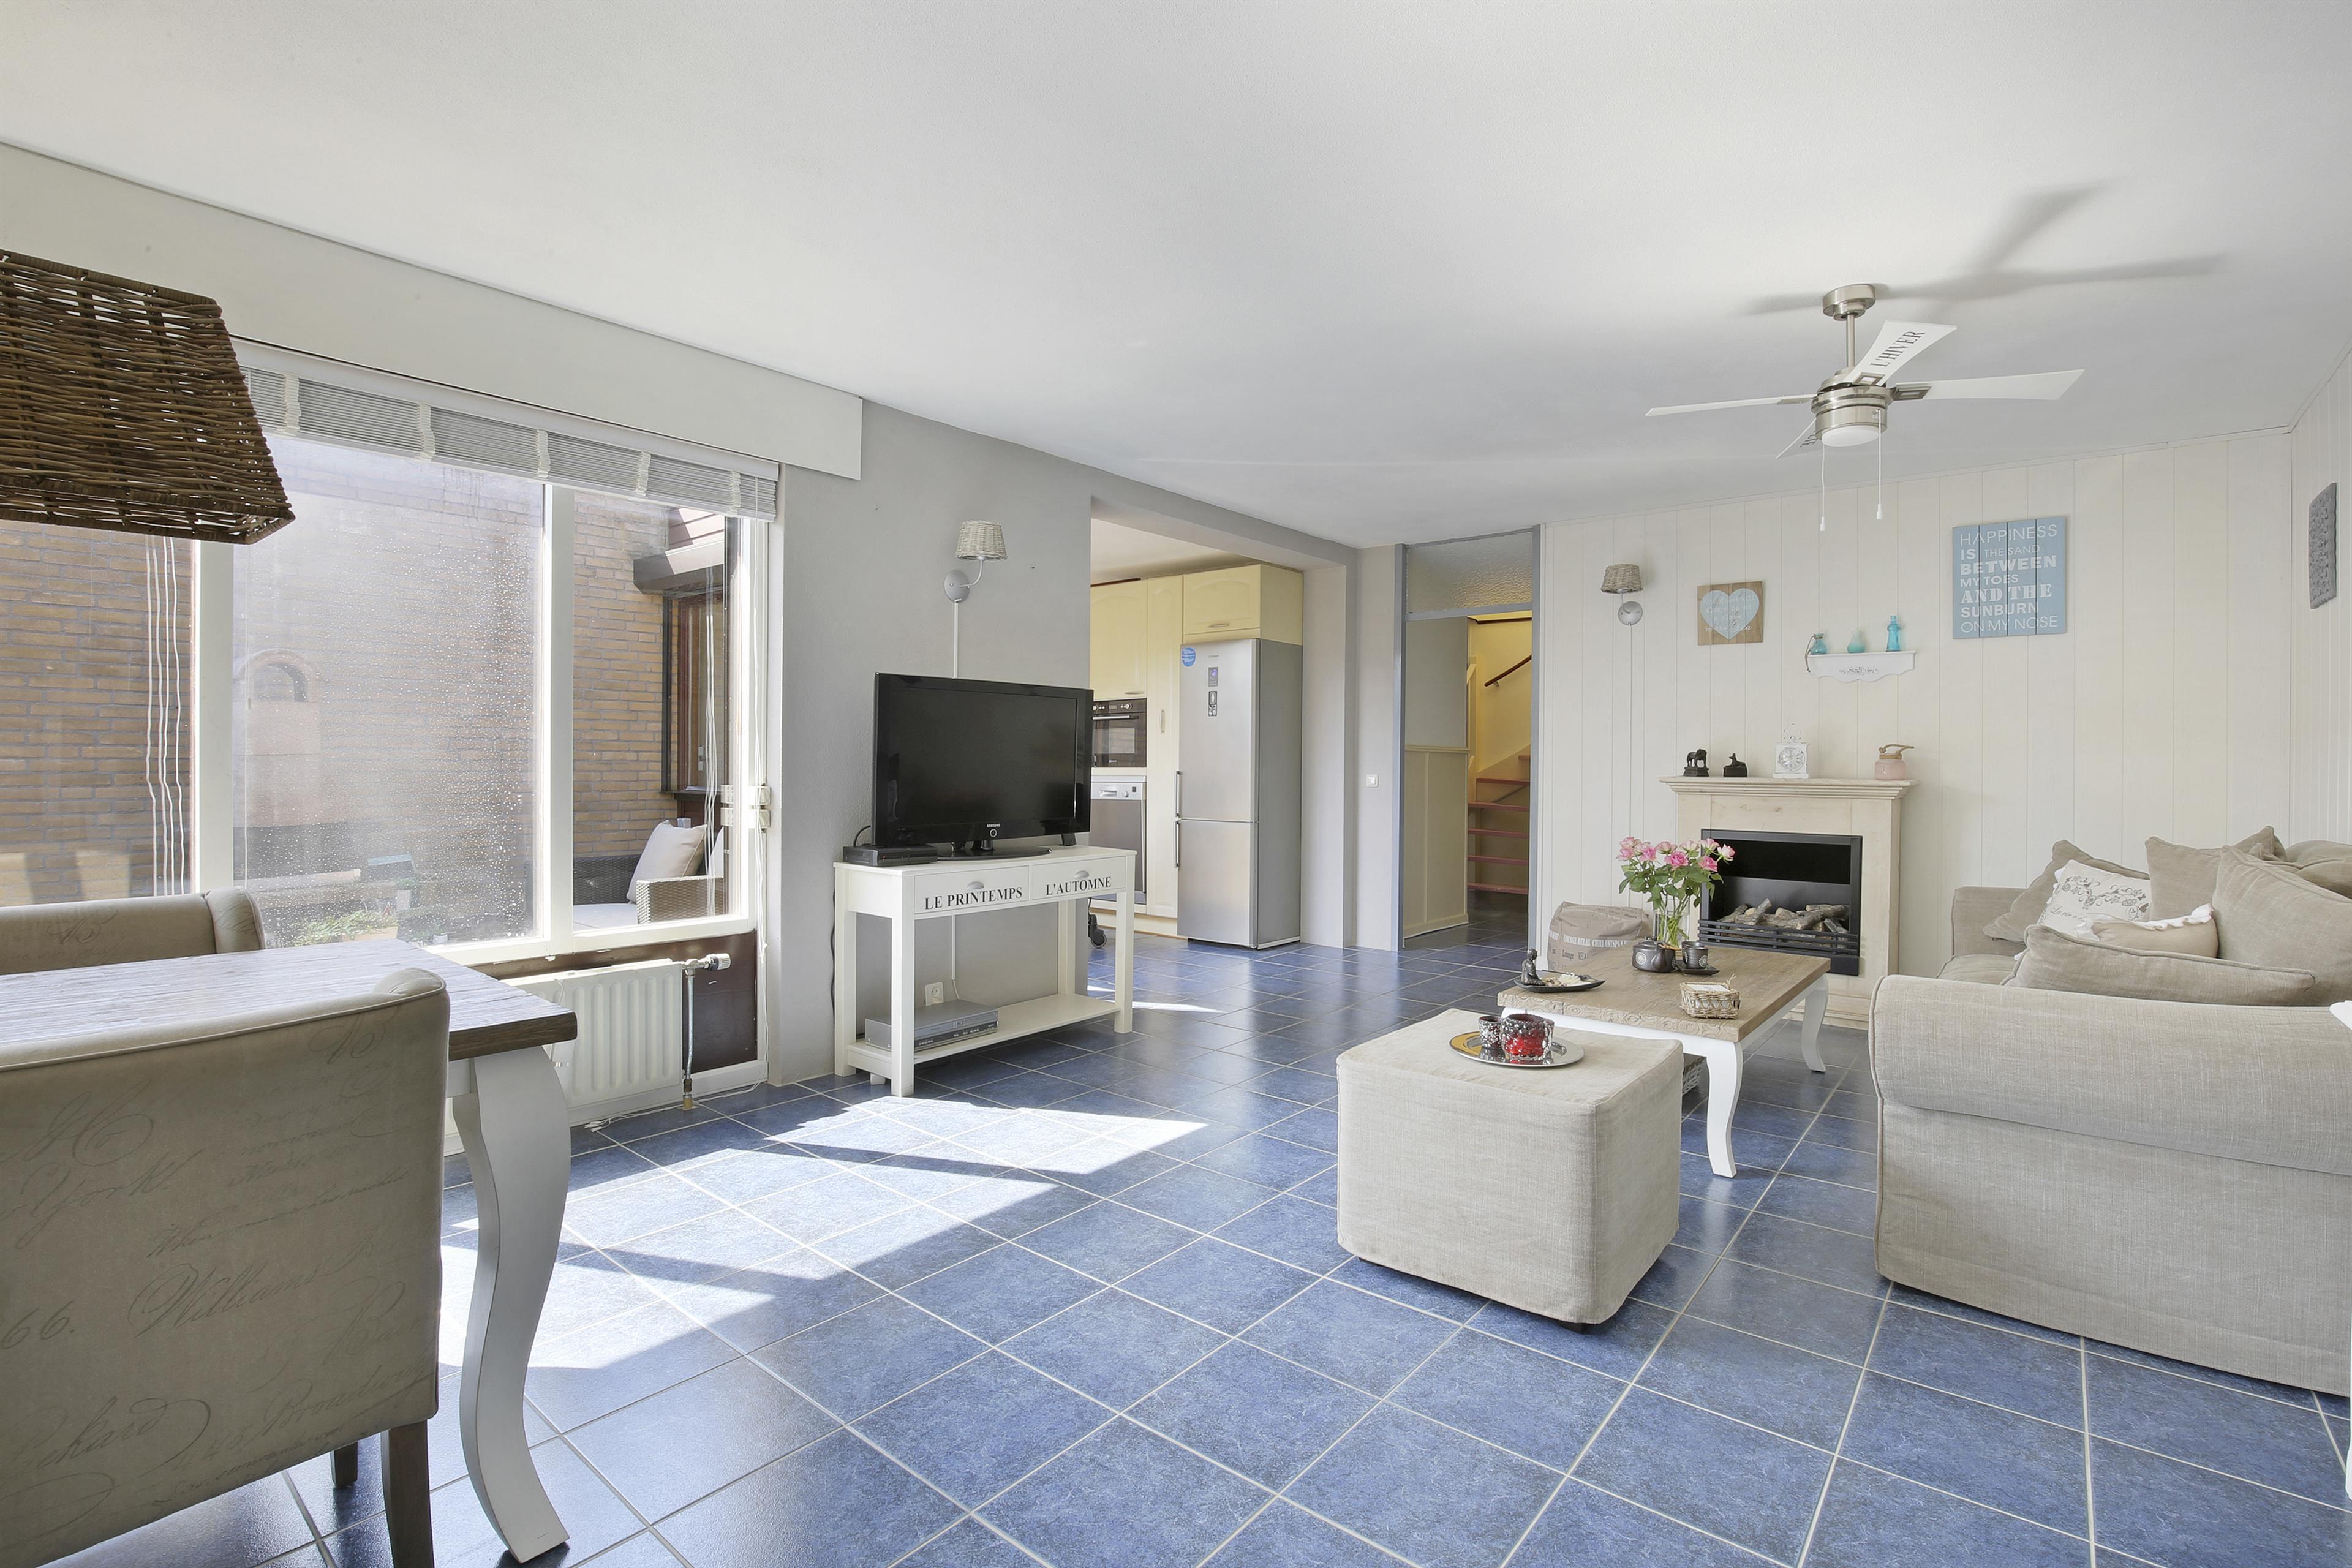 Te koop leermosstraat 3 almere hendriks makelaardij - Hoe een rechthoekige woonkamer te voorzien ...